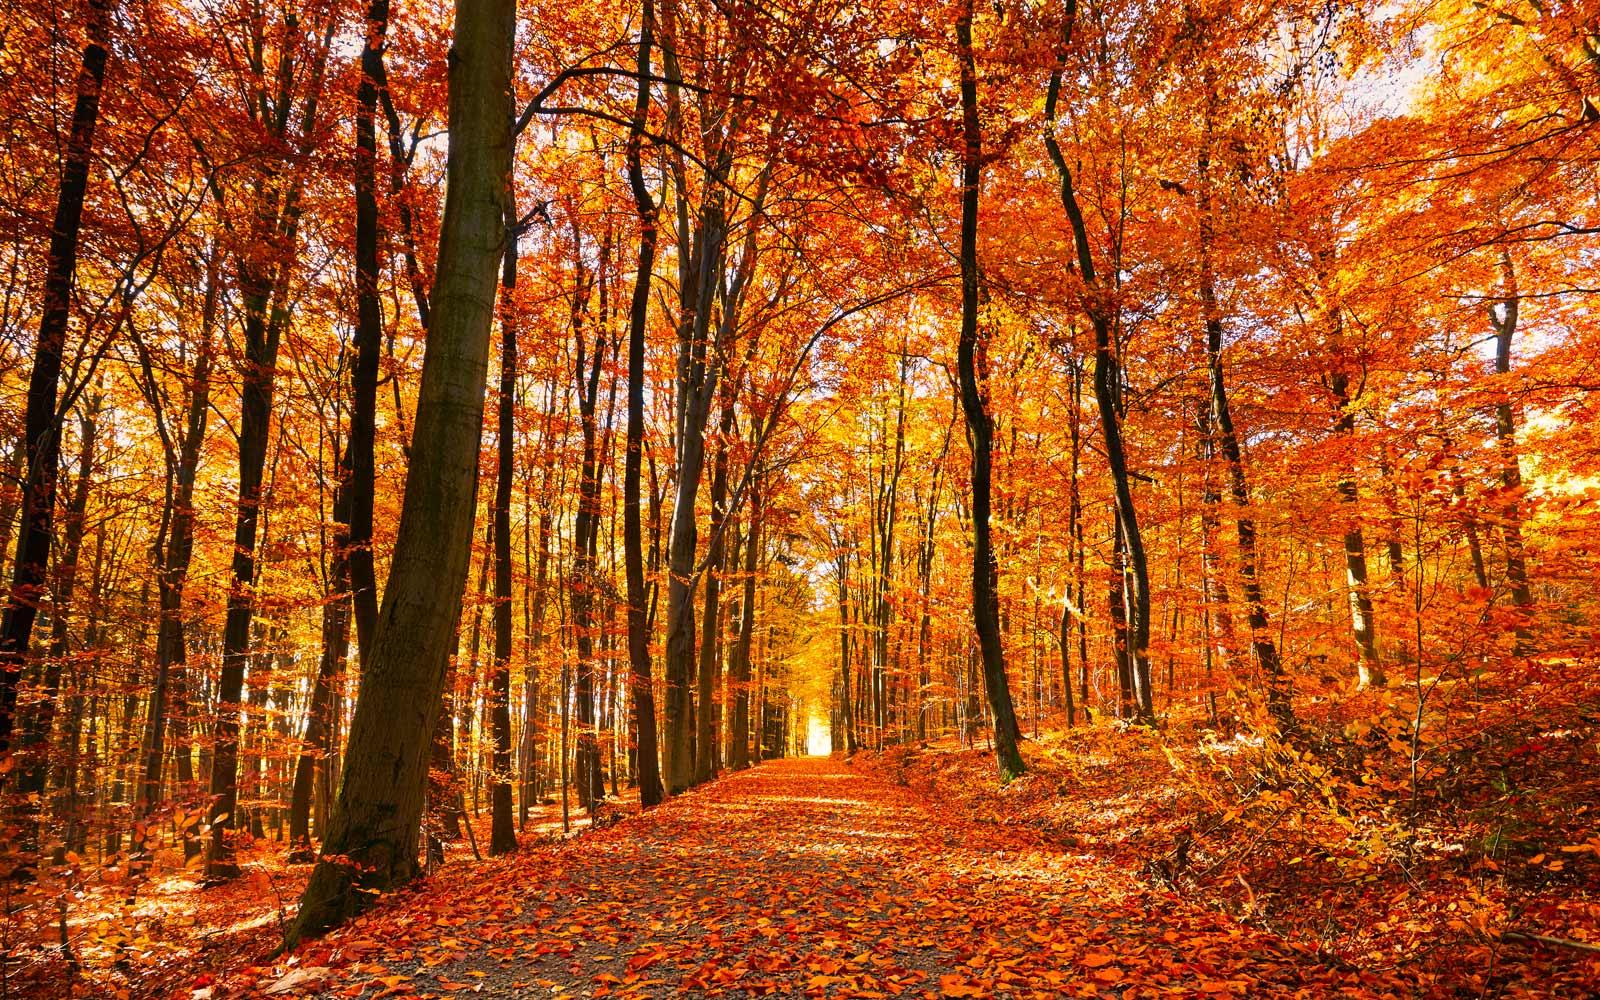 Autumn Visualisation